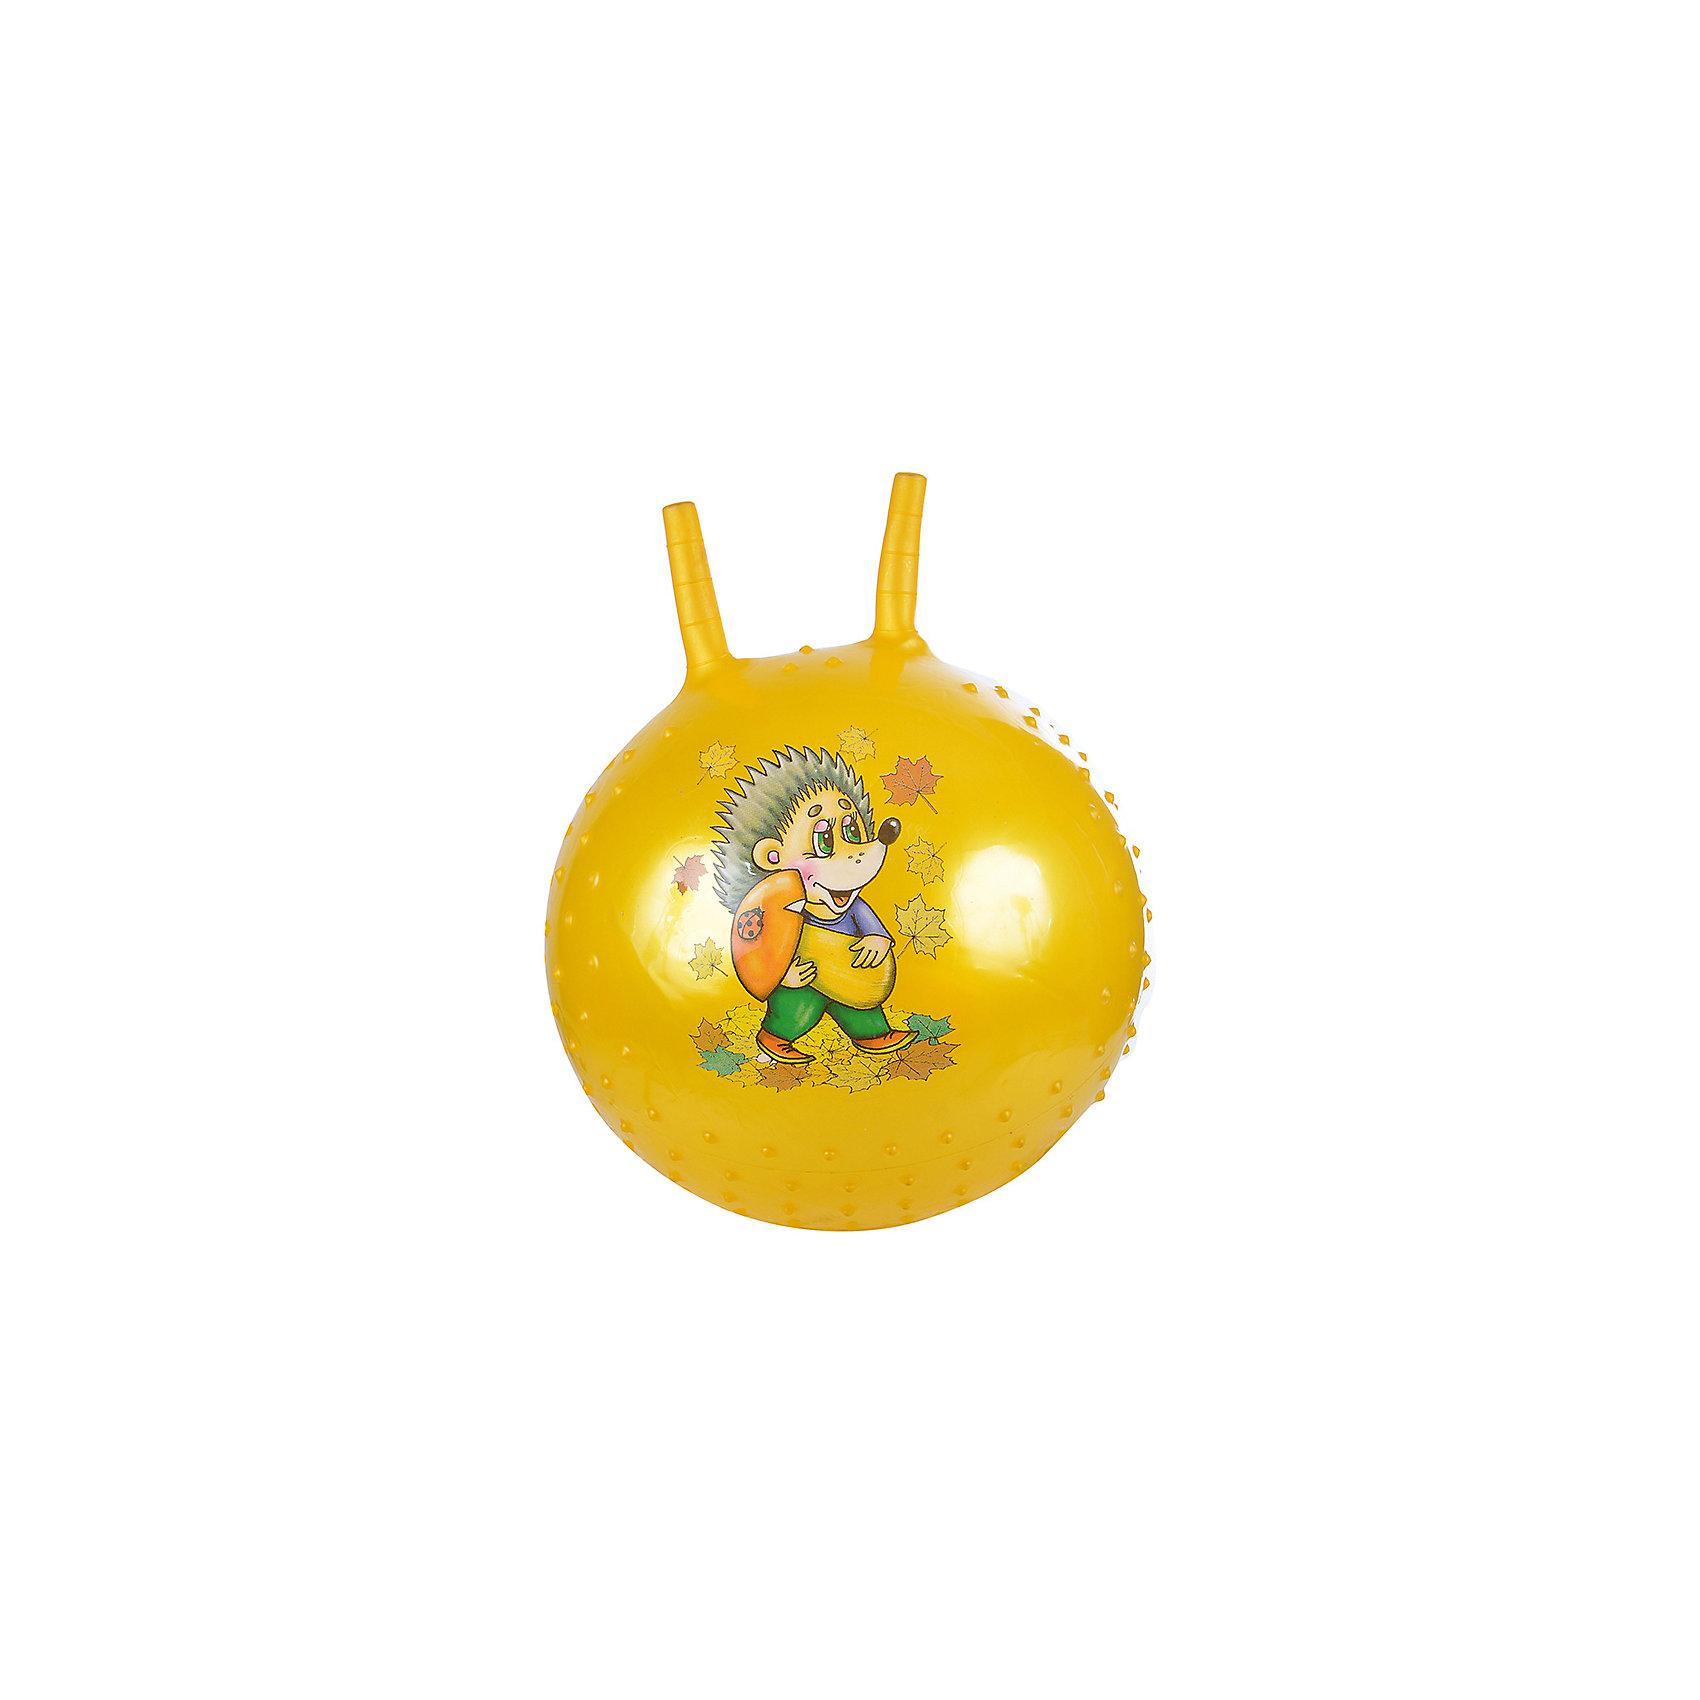 Надувной мяч Ежик, с насосом, 38см, желтый, SPRINGМяч попрыгун с рожками, желтый с изображением Ежика.<br><br>Ширина мм: 380<br>Глубина мм: 380<br>Высота мм: 380<br>Вес г: 380<br>Возраст от месяцев: 36<br>Возраст до месяцев: 120<br>Пол: Унисекс<br>Возраст: Детский<br>SKU: 4785522